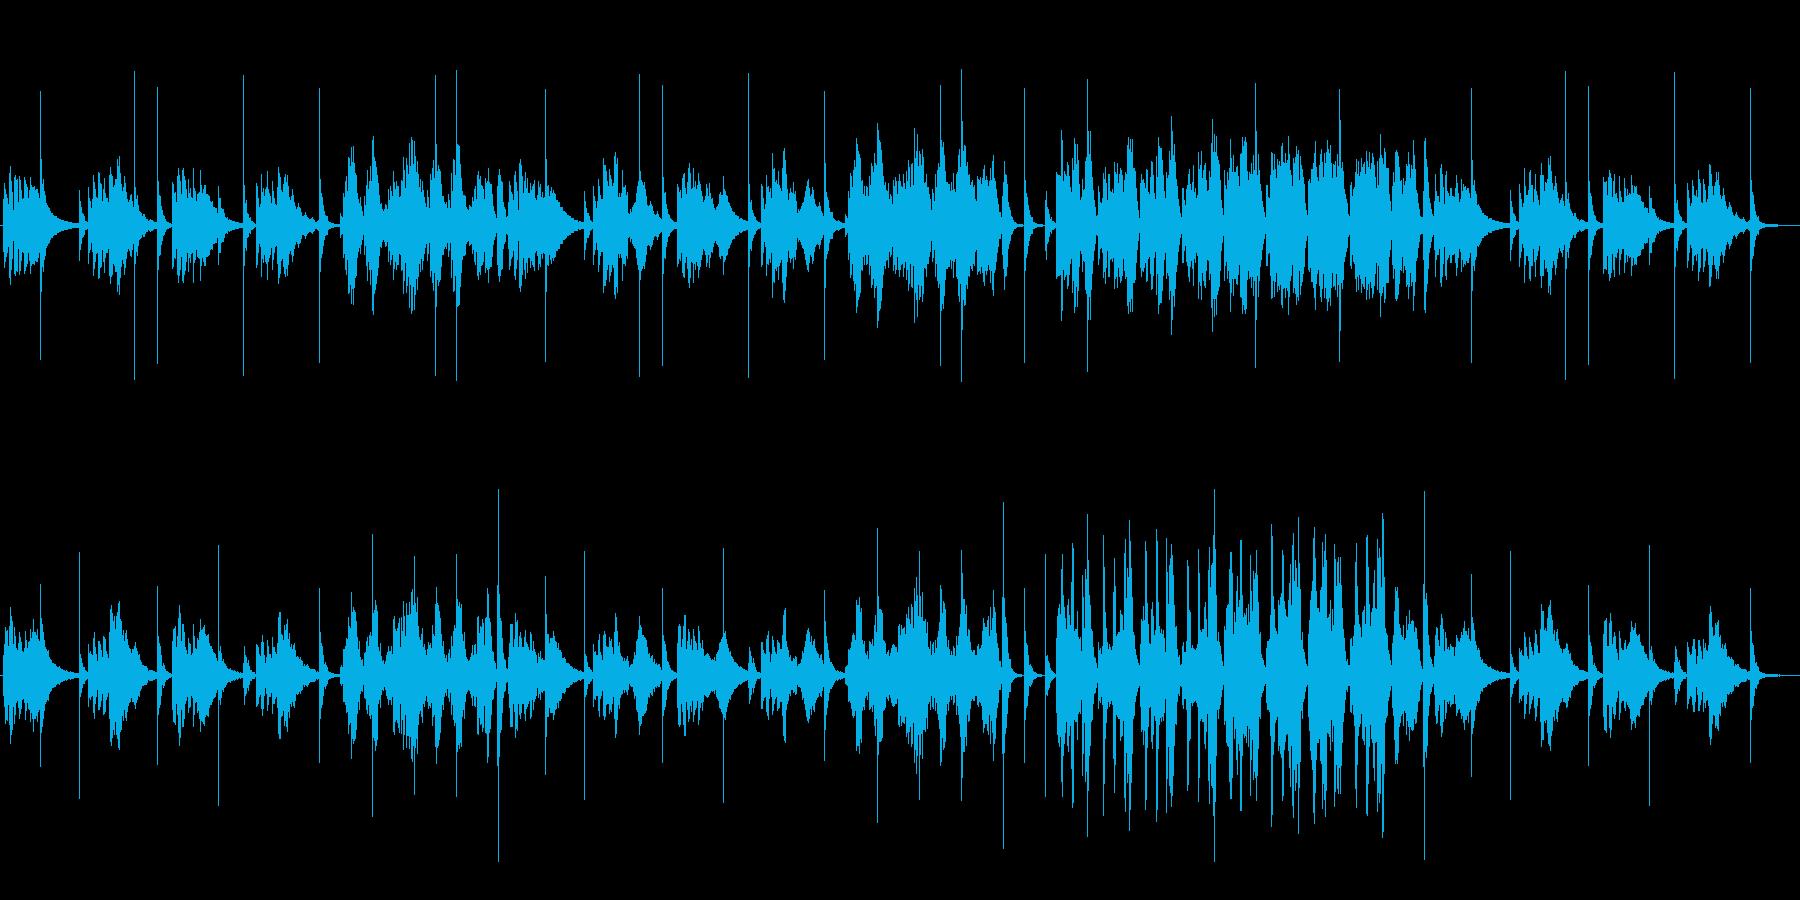 瑞々しさ安心感のあるヒーリングの曲の再生済みの波形